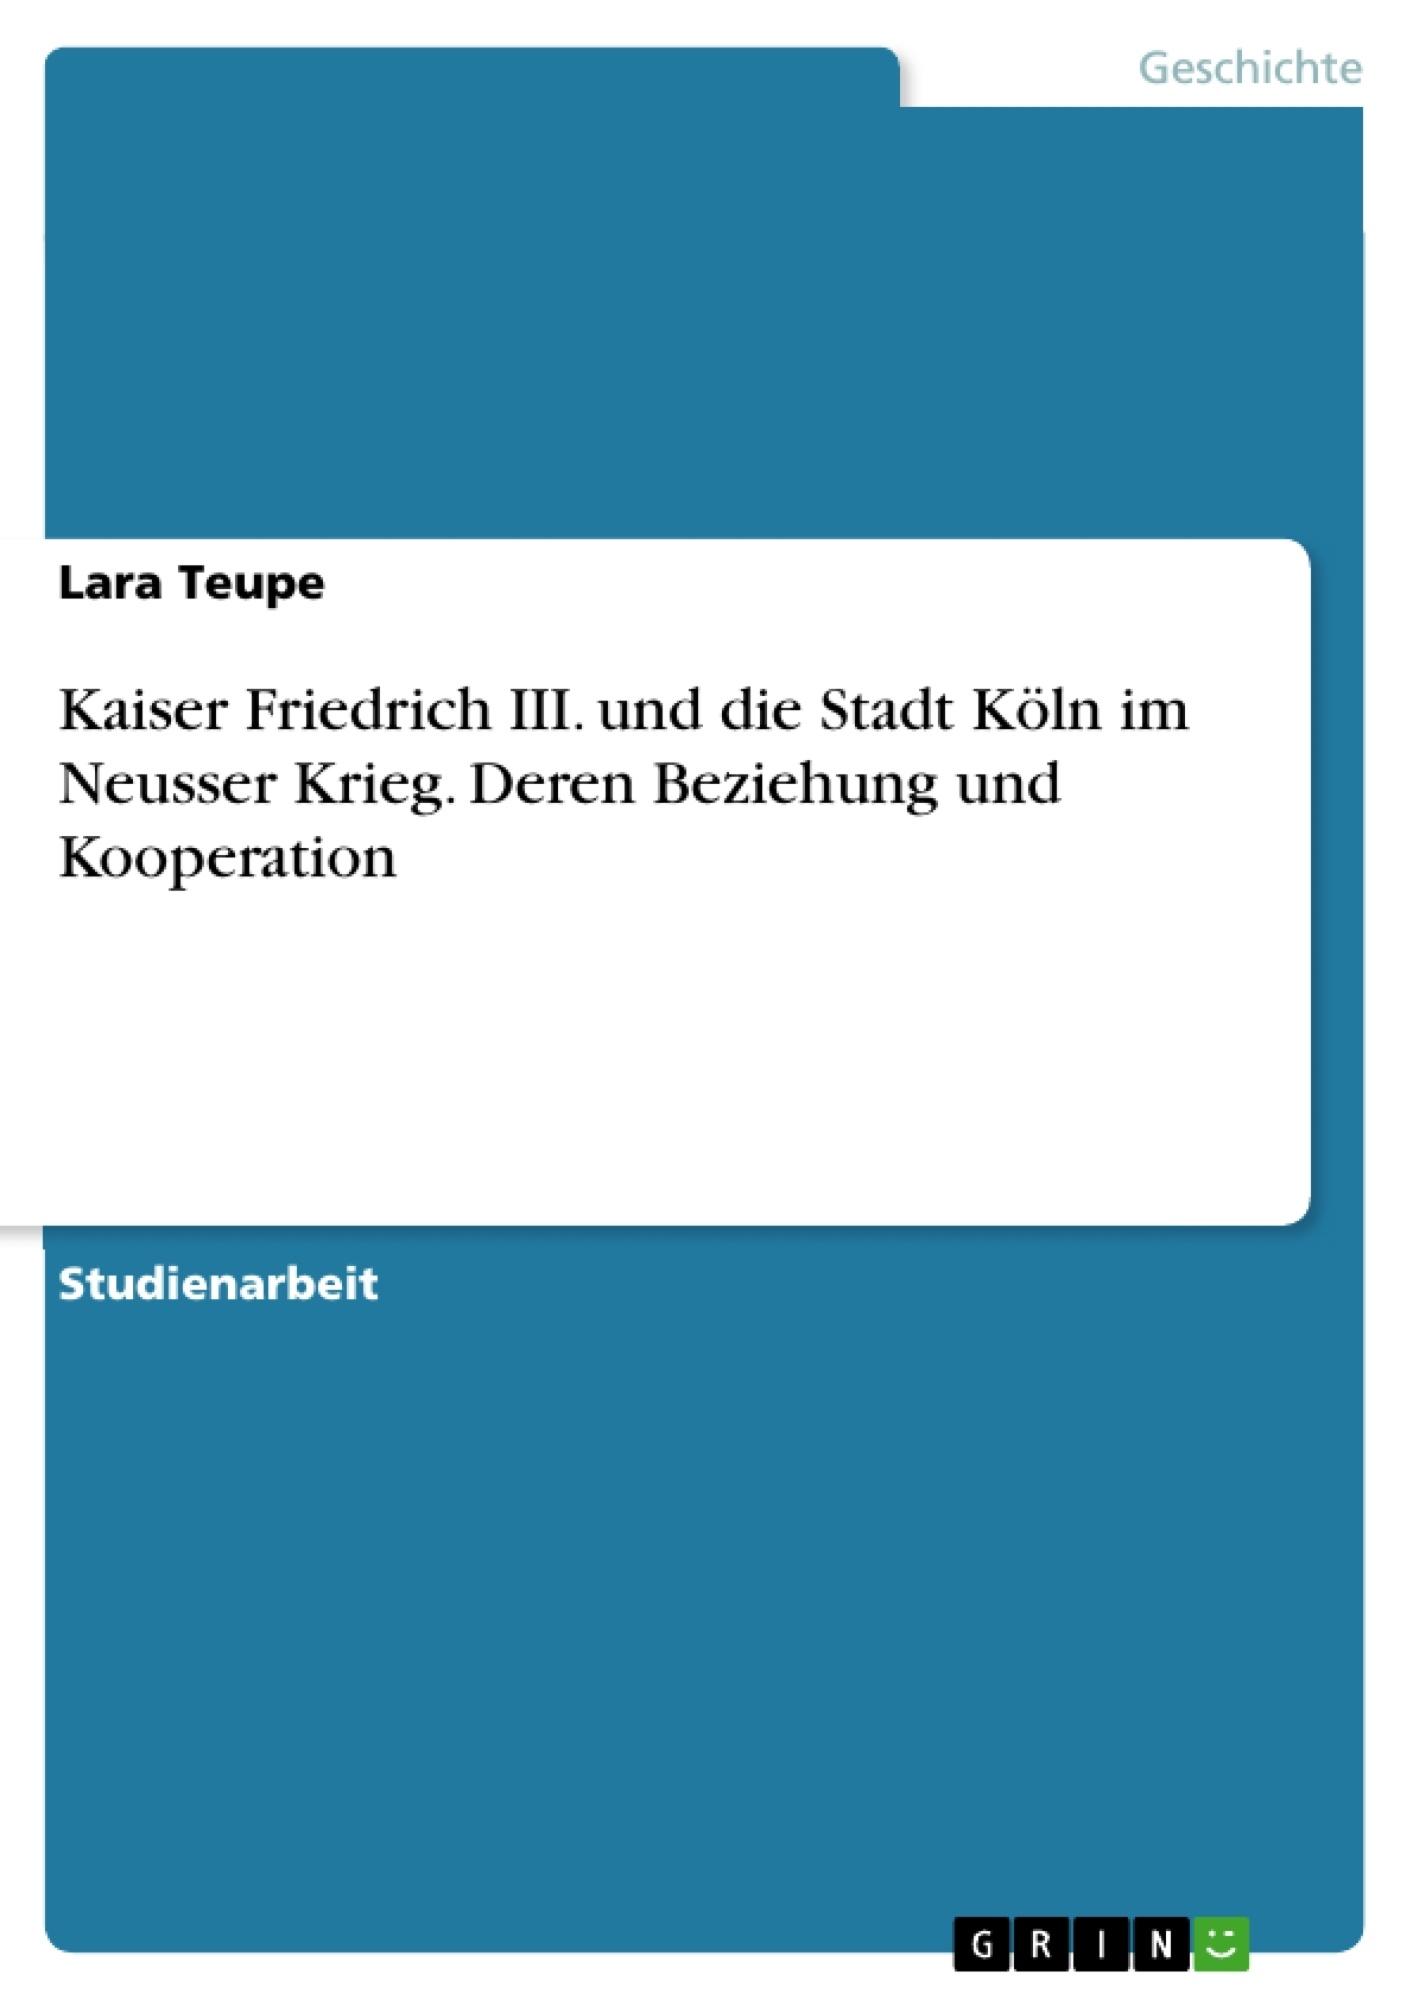 Titel: Kaiser Friedrich III. und die Stadt Köln im Neusser Krieg. Deren Beziehung und Kooperation